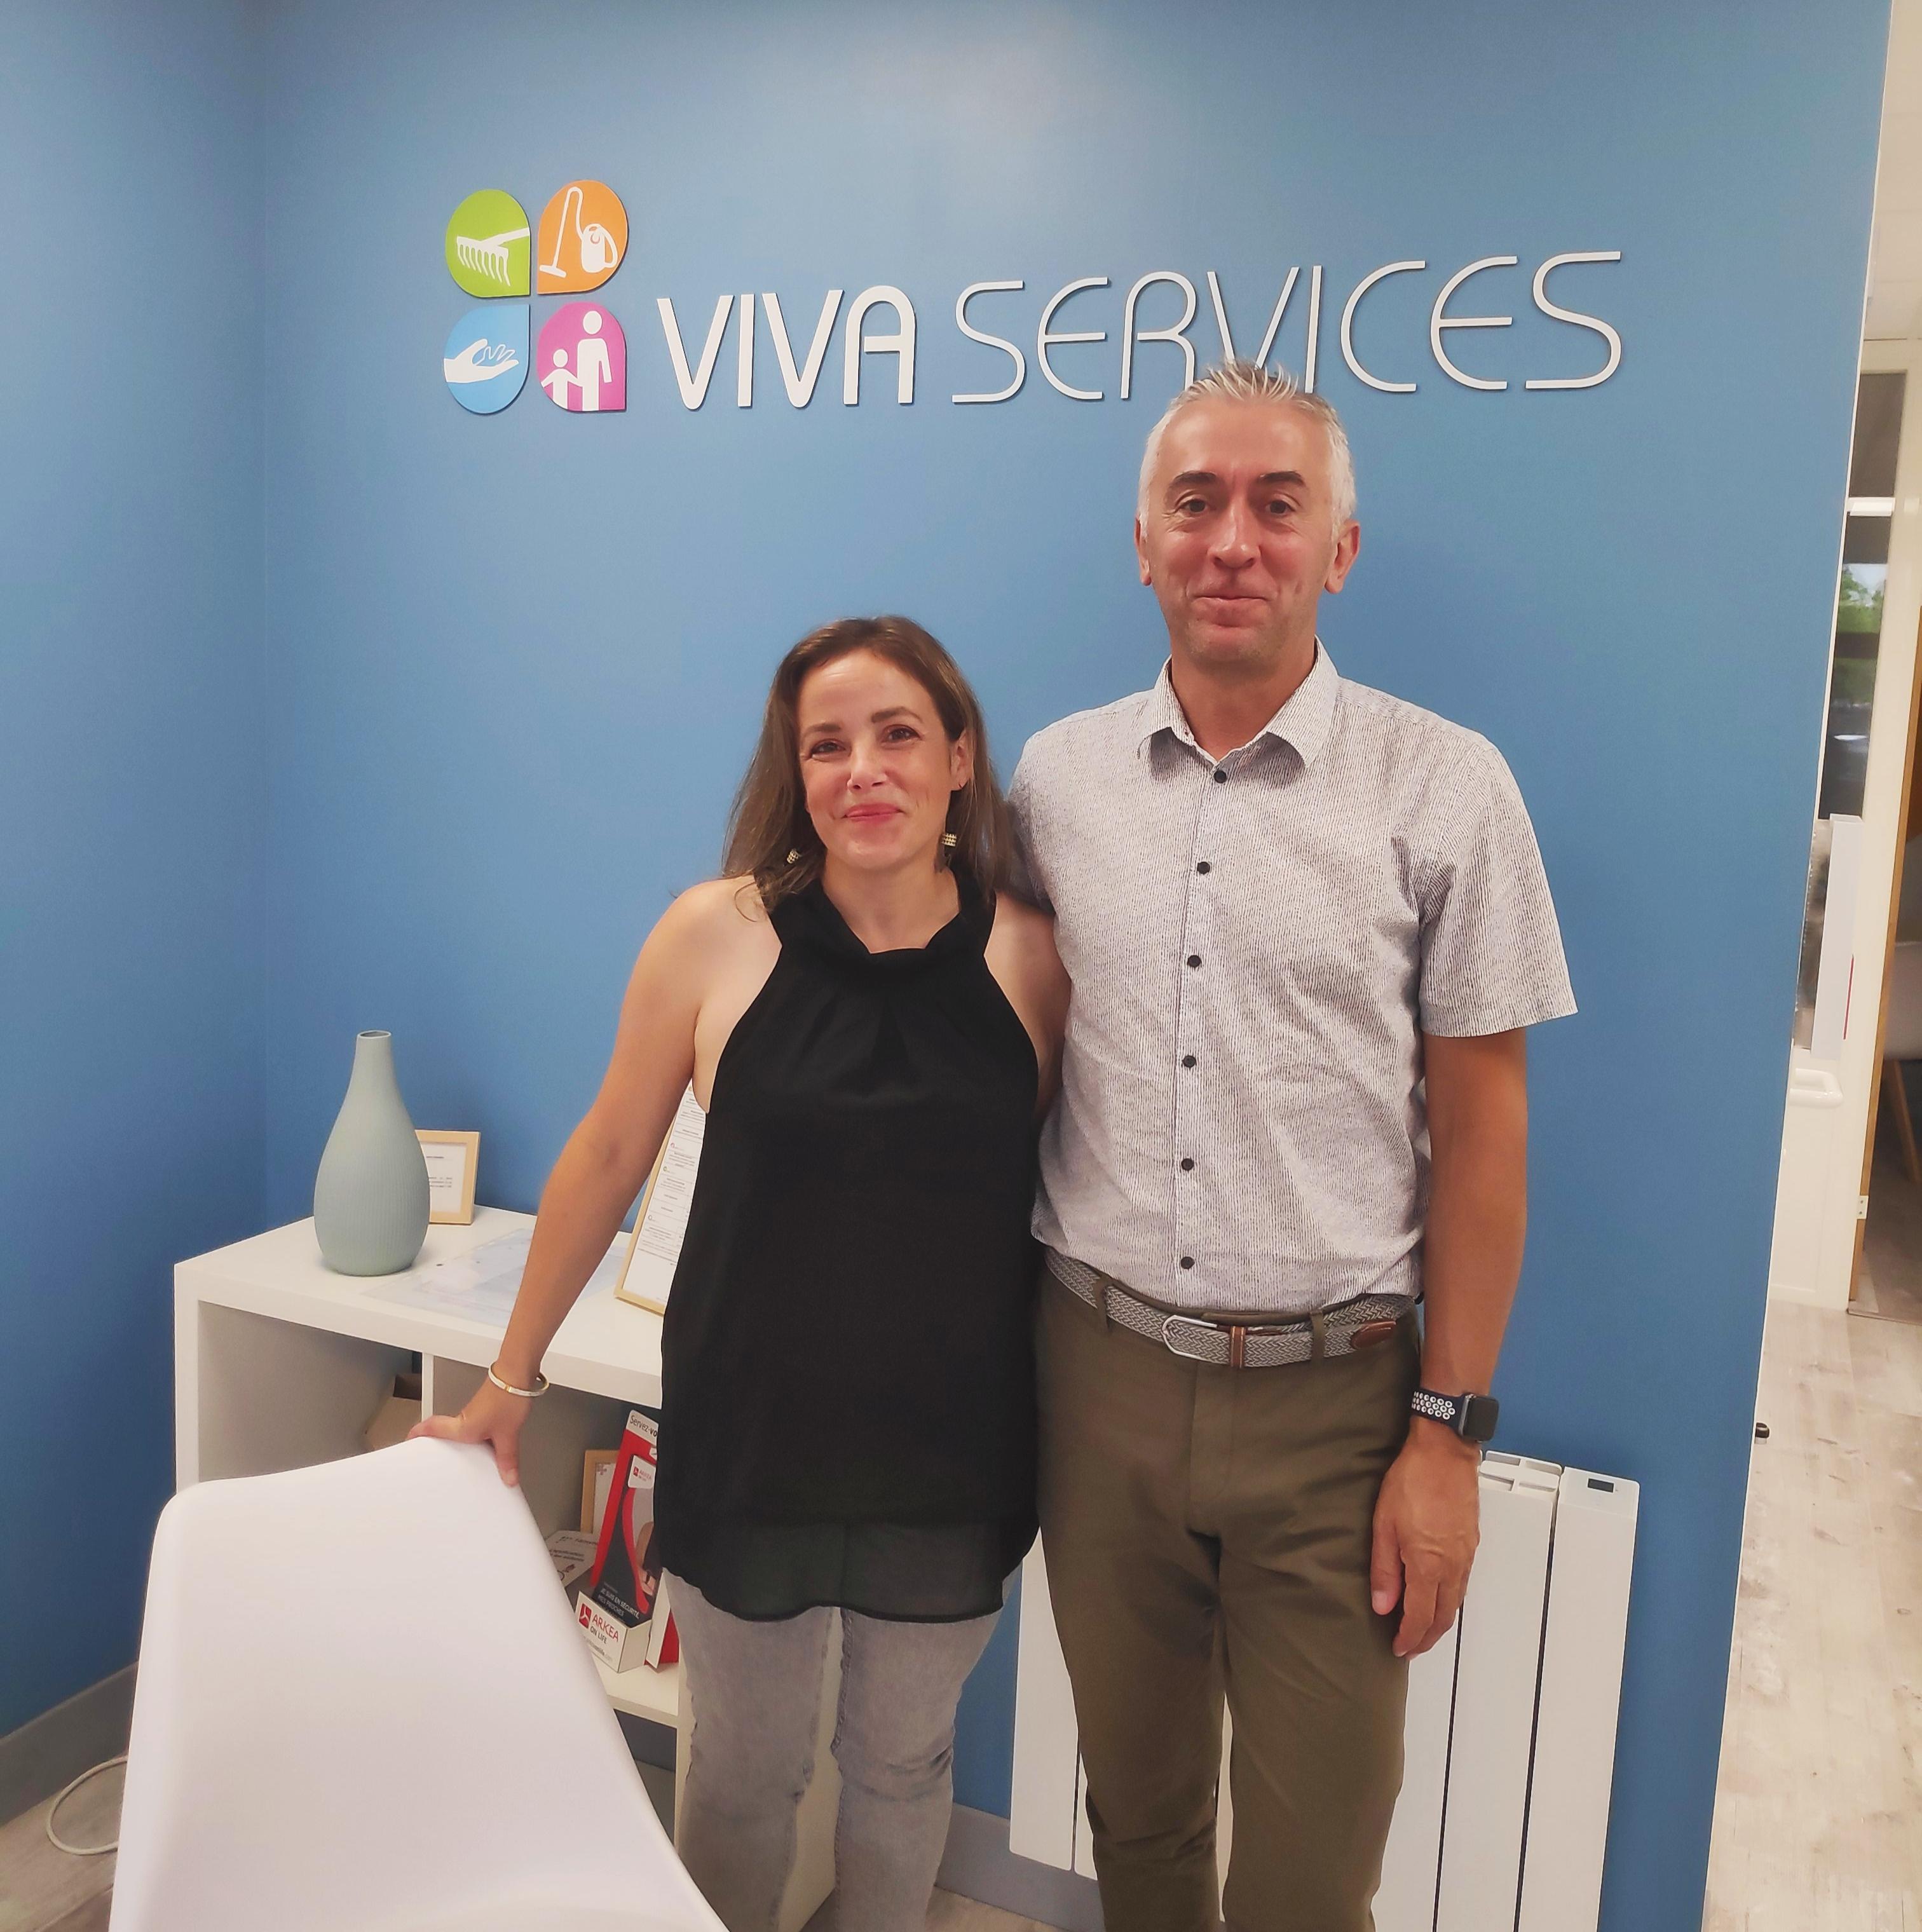 Gwenaëlle Besnault et Laurent Lemaitre - Vivaservices